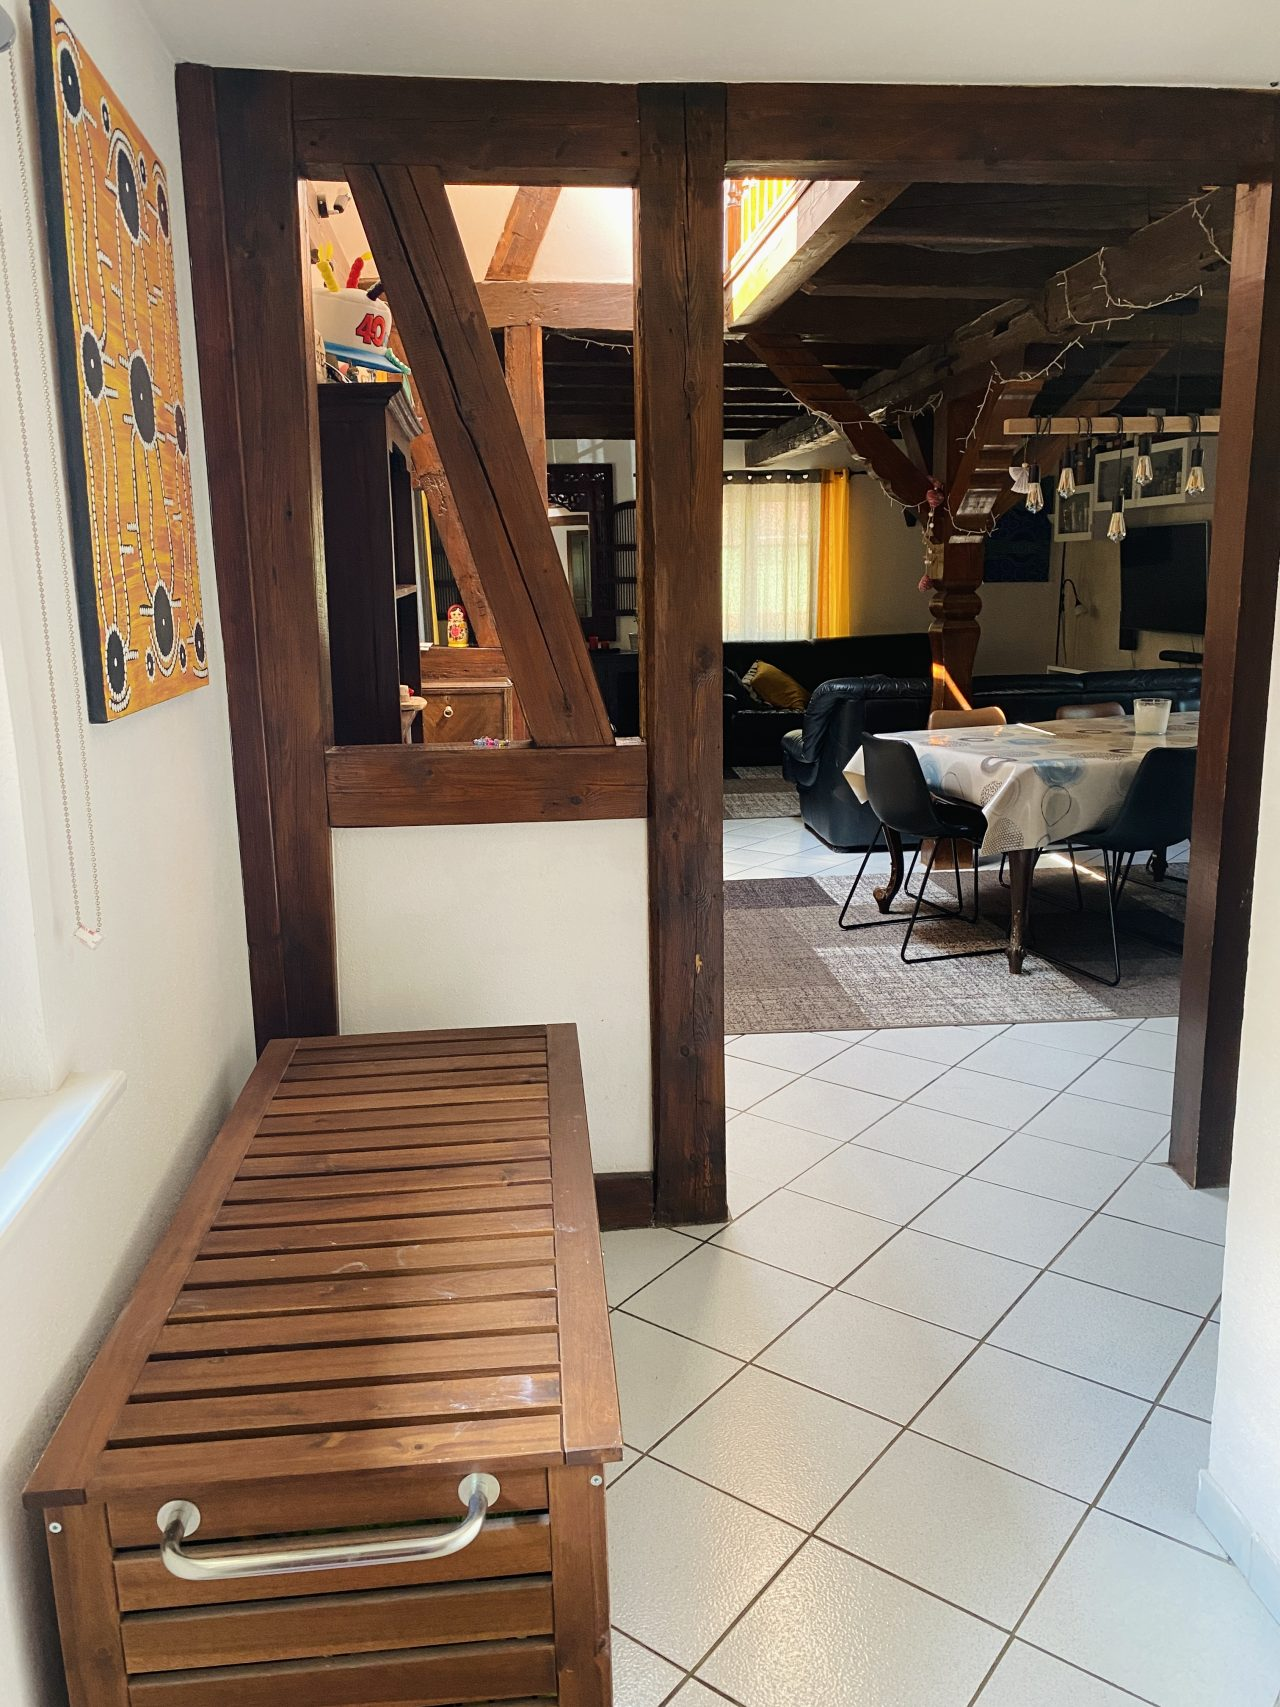 Kaltenhouse, maison alsacienne moderne et chaleureuse, 140m2. Vidéo disponible